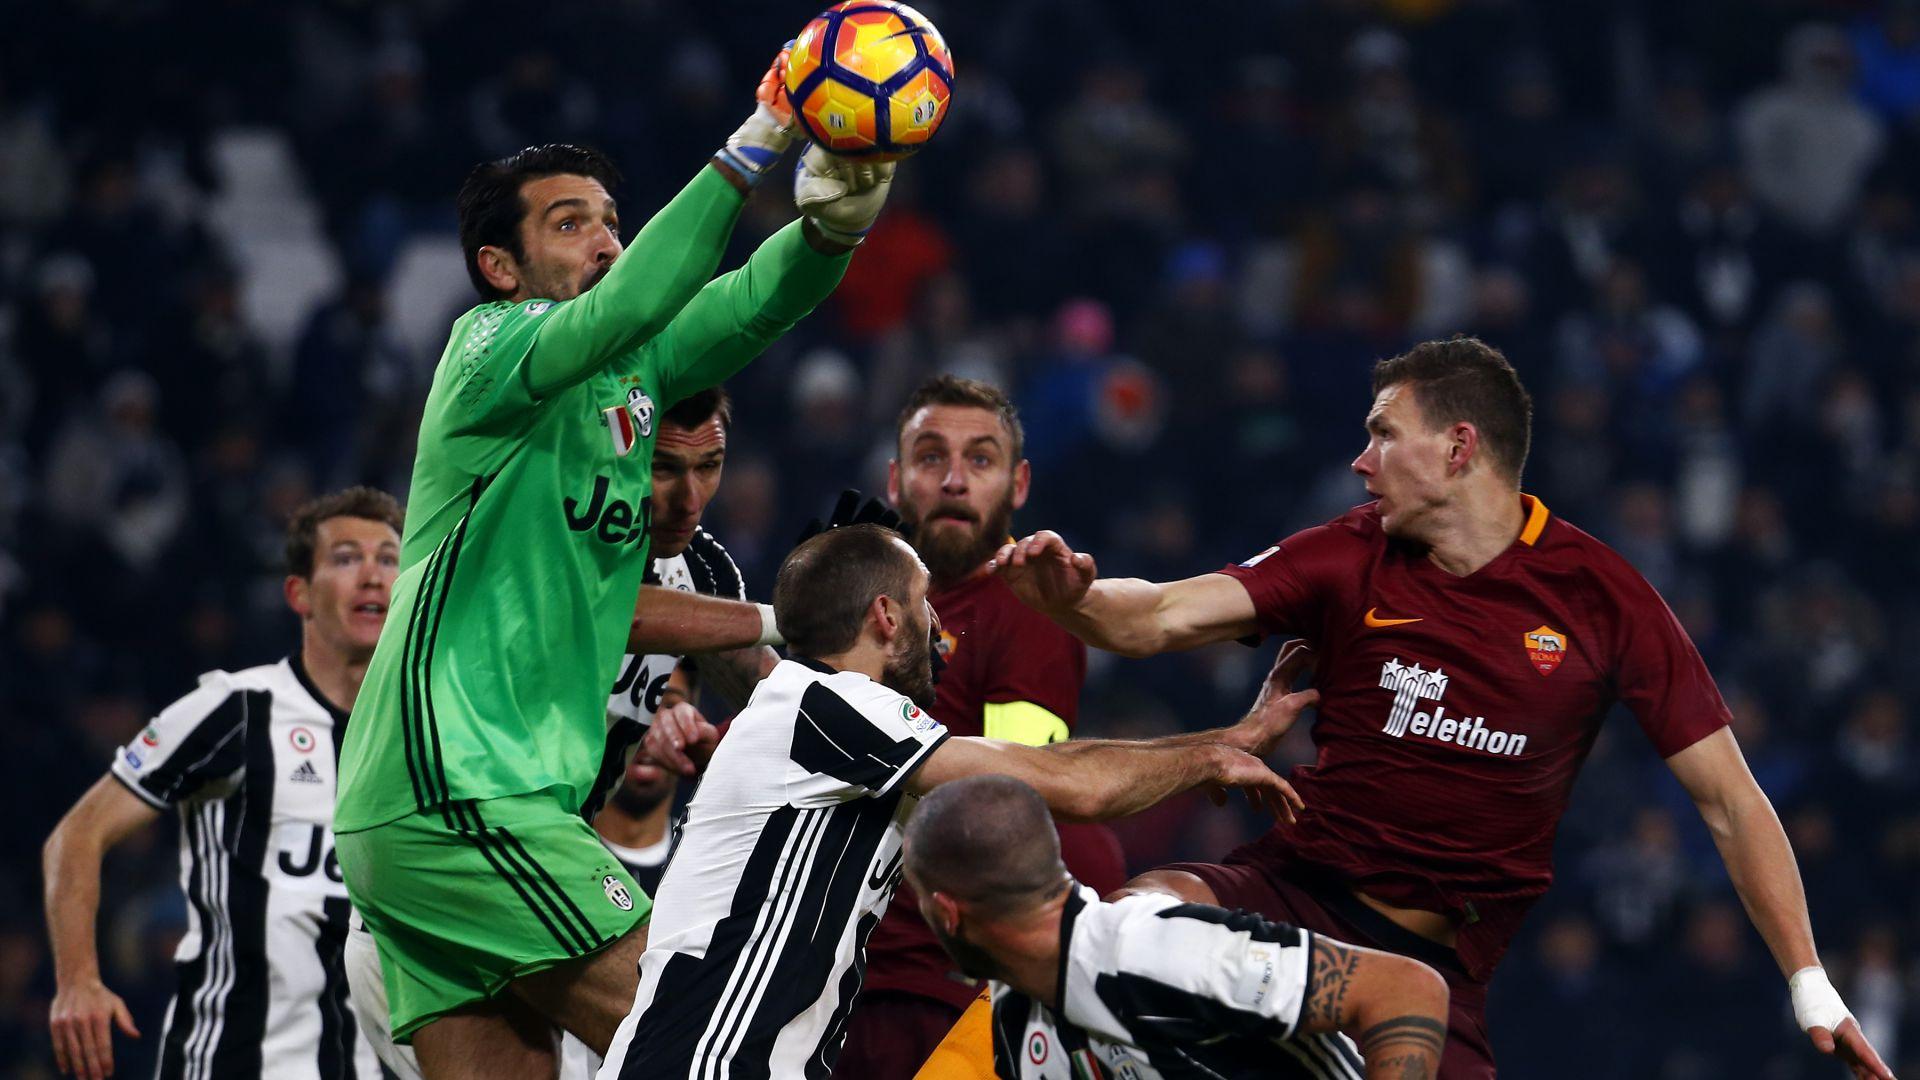 La Juventus derrota a la Roma (1-0) y se escapa camino al Scudetto